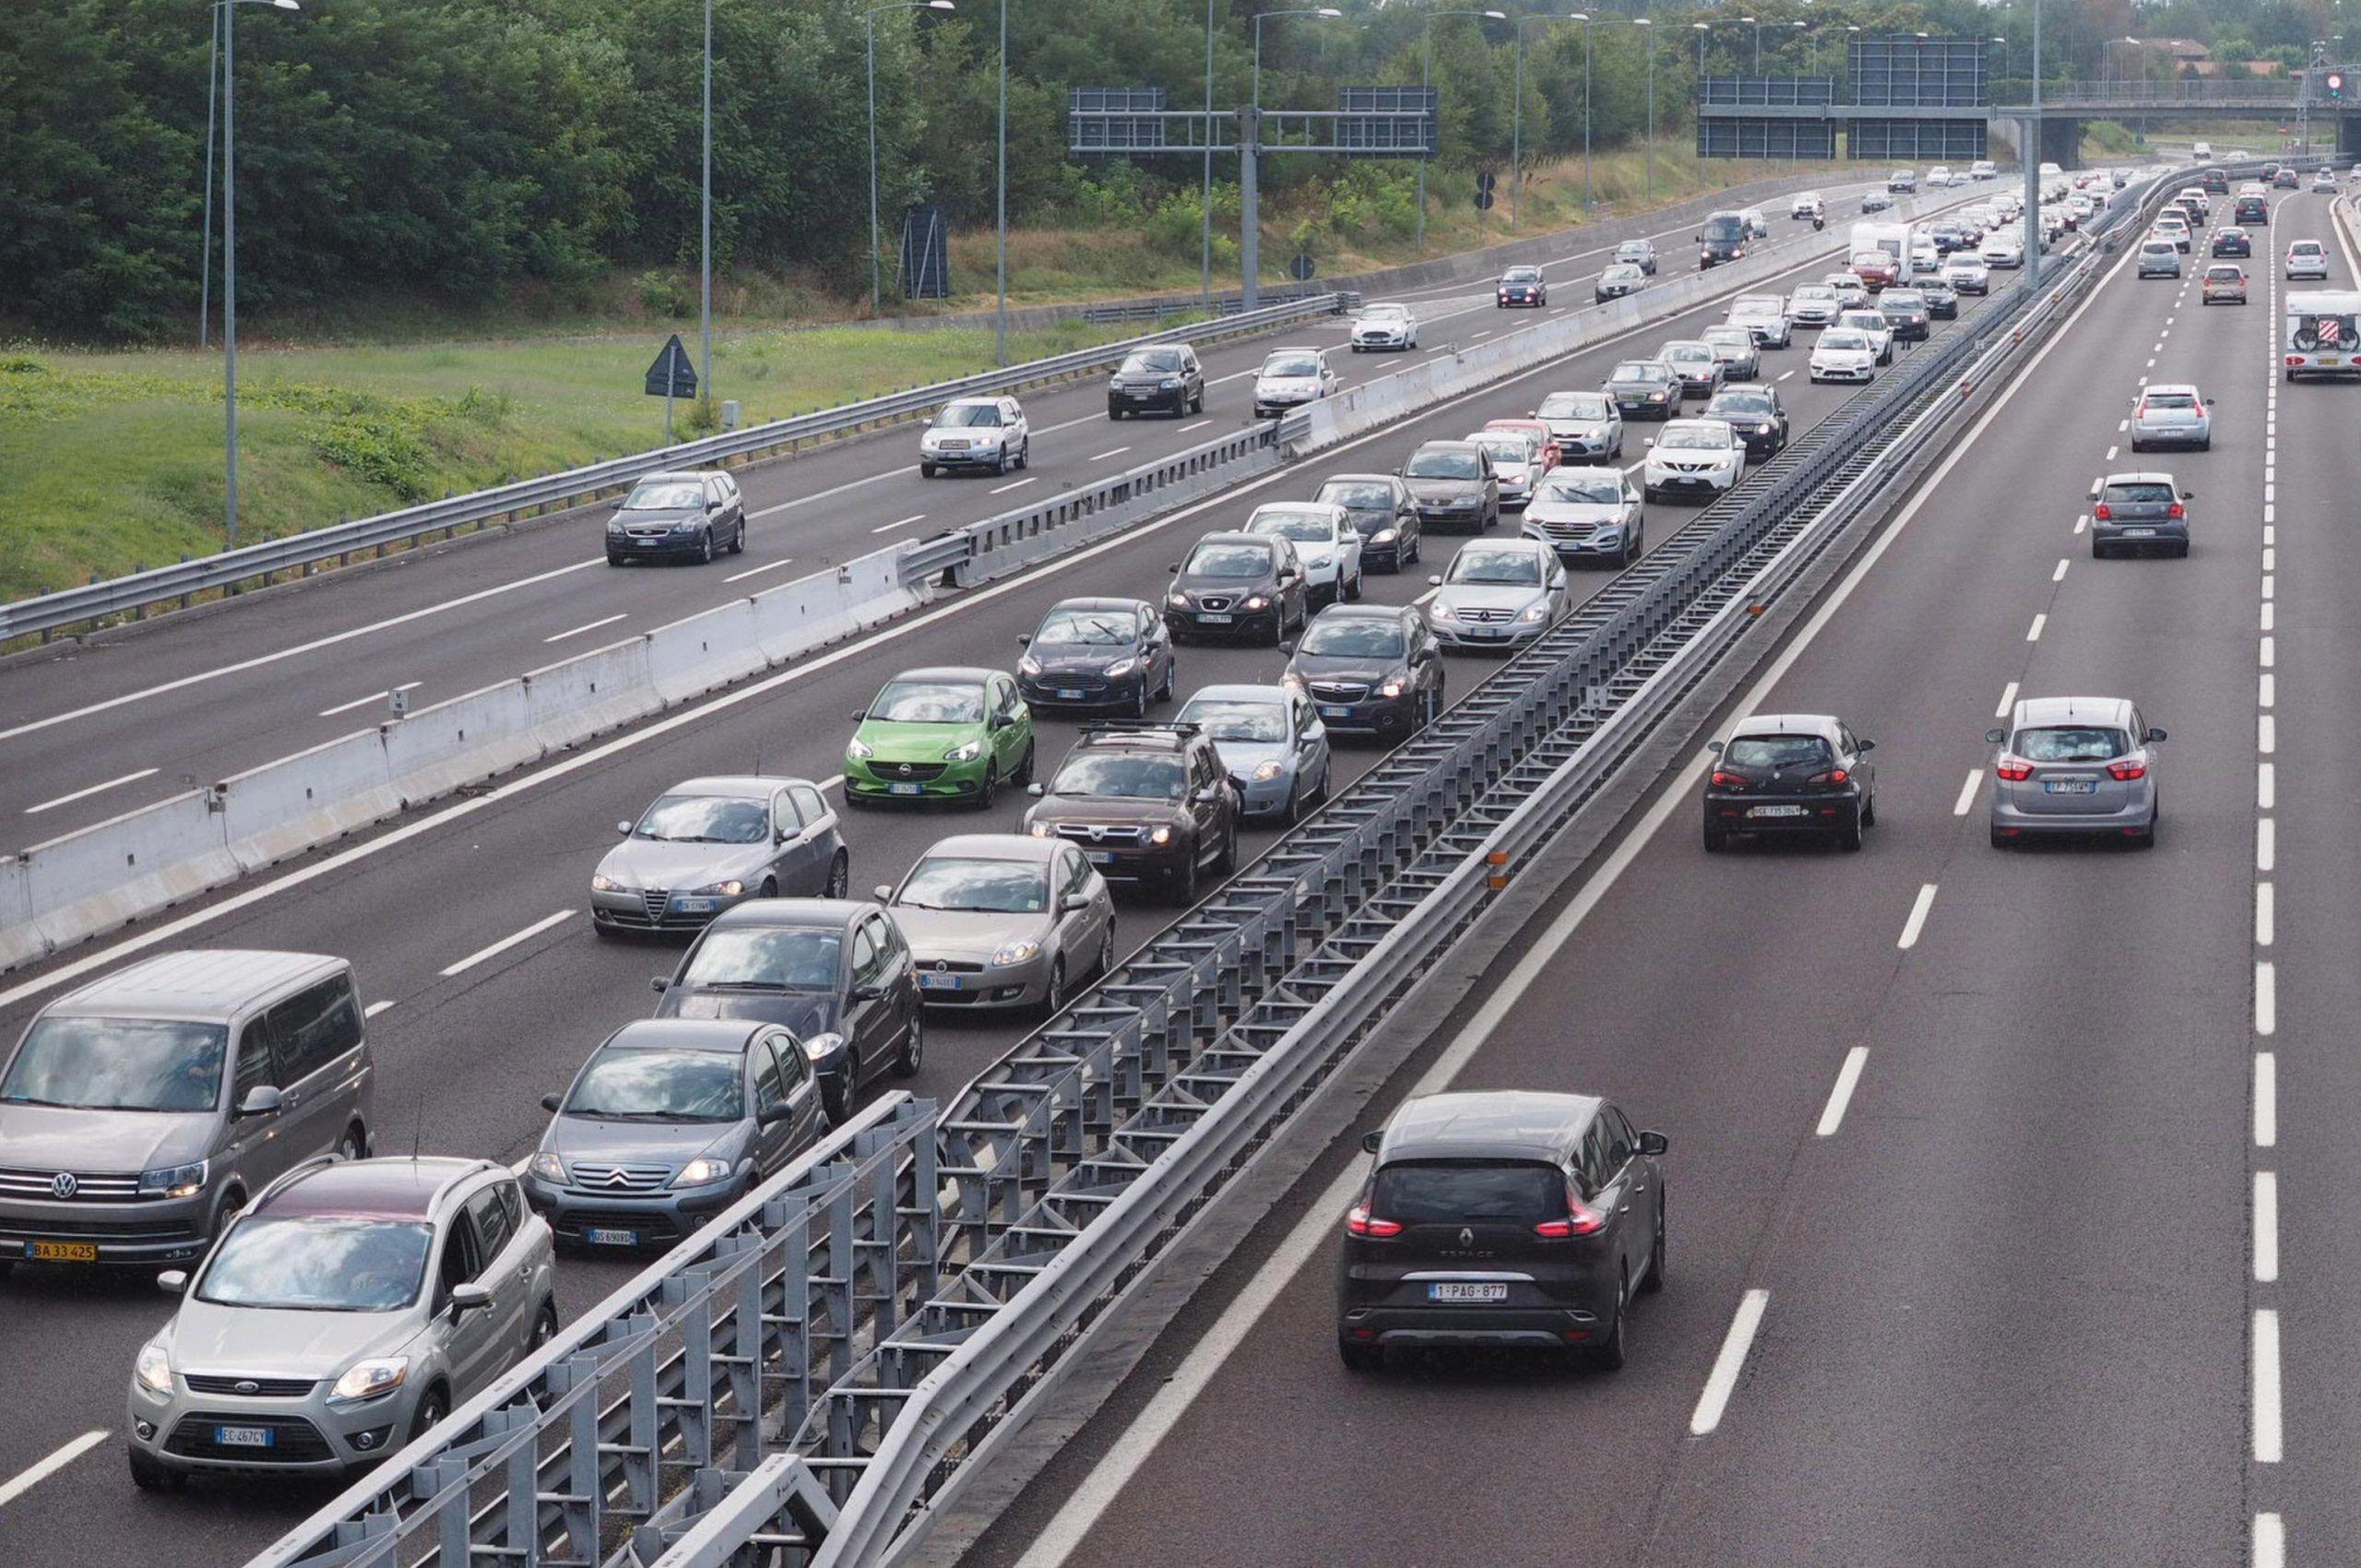 autostrada a14 incidente